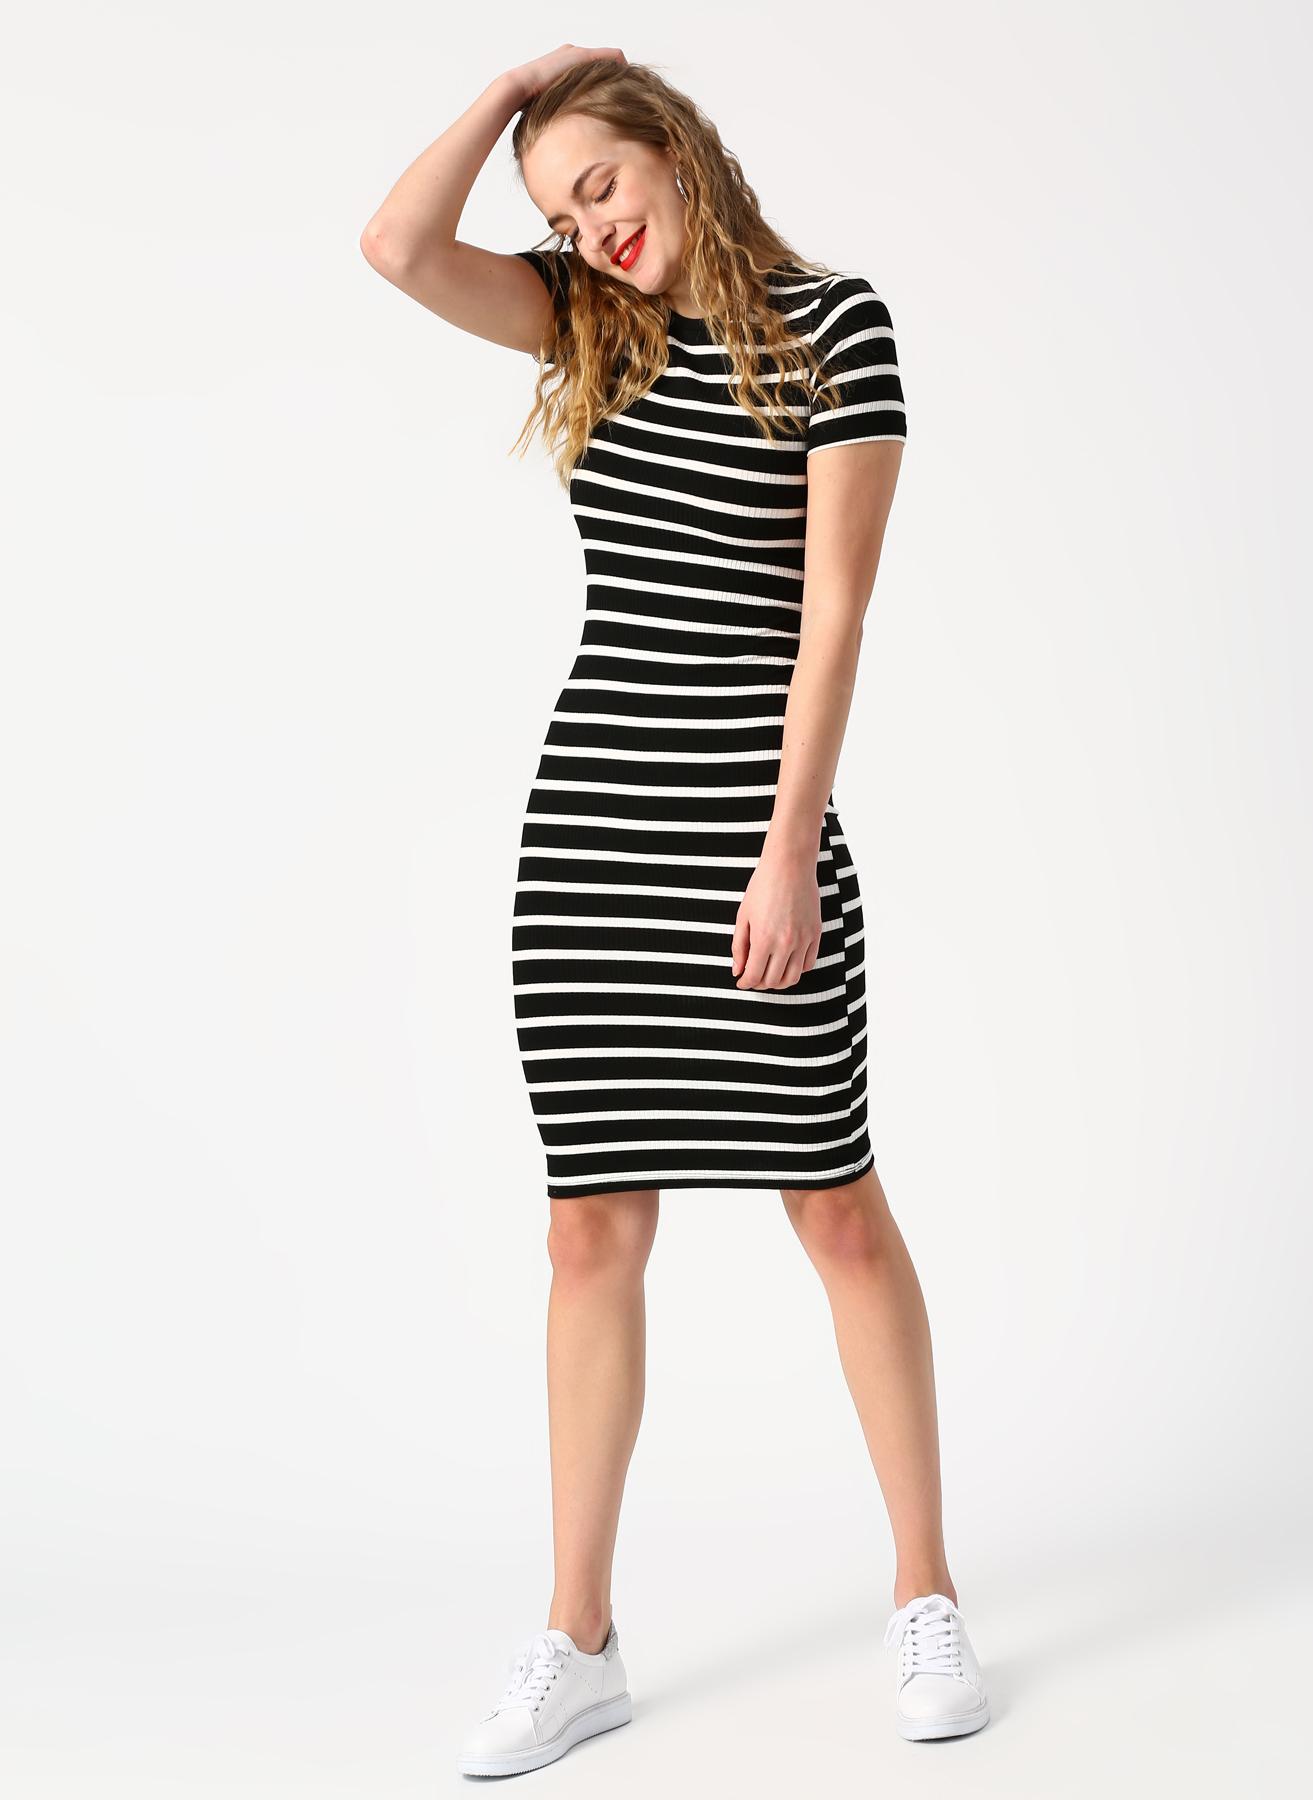 b3739e3fa4f3e Koton Siyah Beyaz Çizgili Midi Boy Elbise L 5002393014001 Fiyatları ...